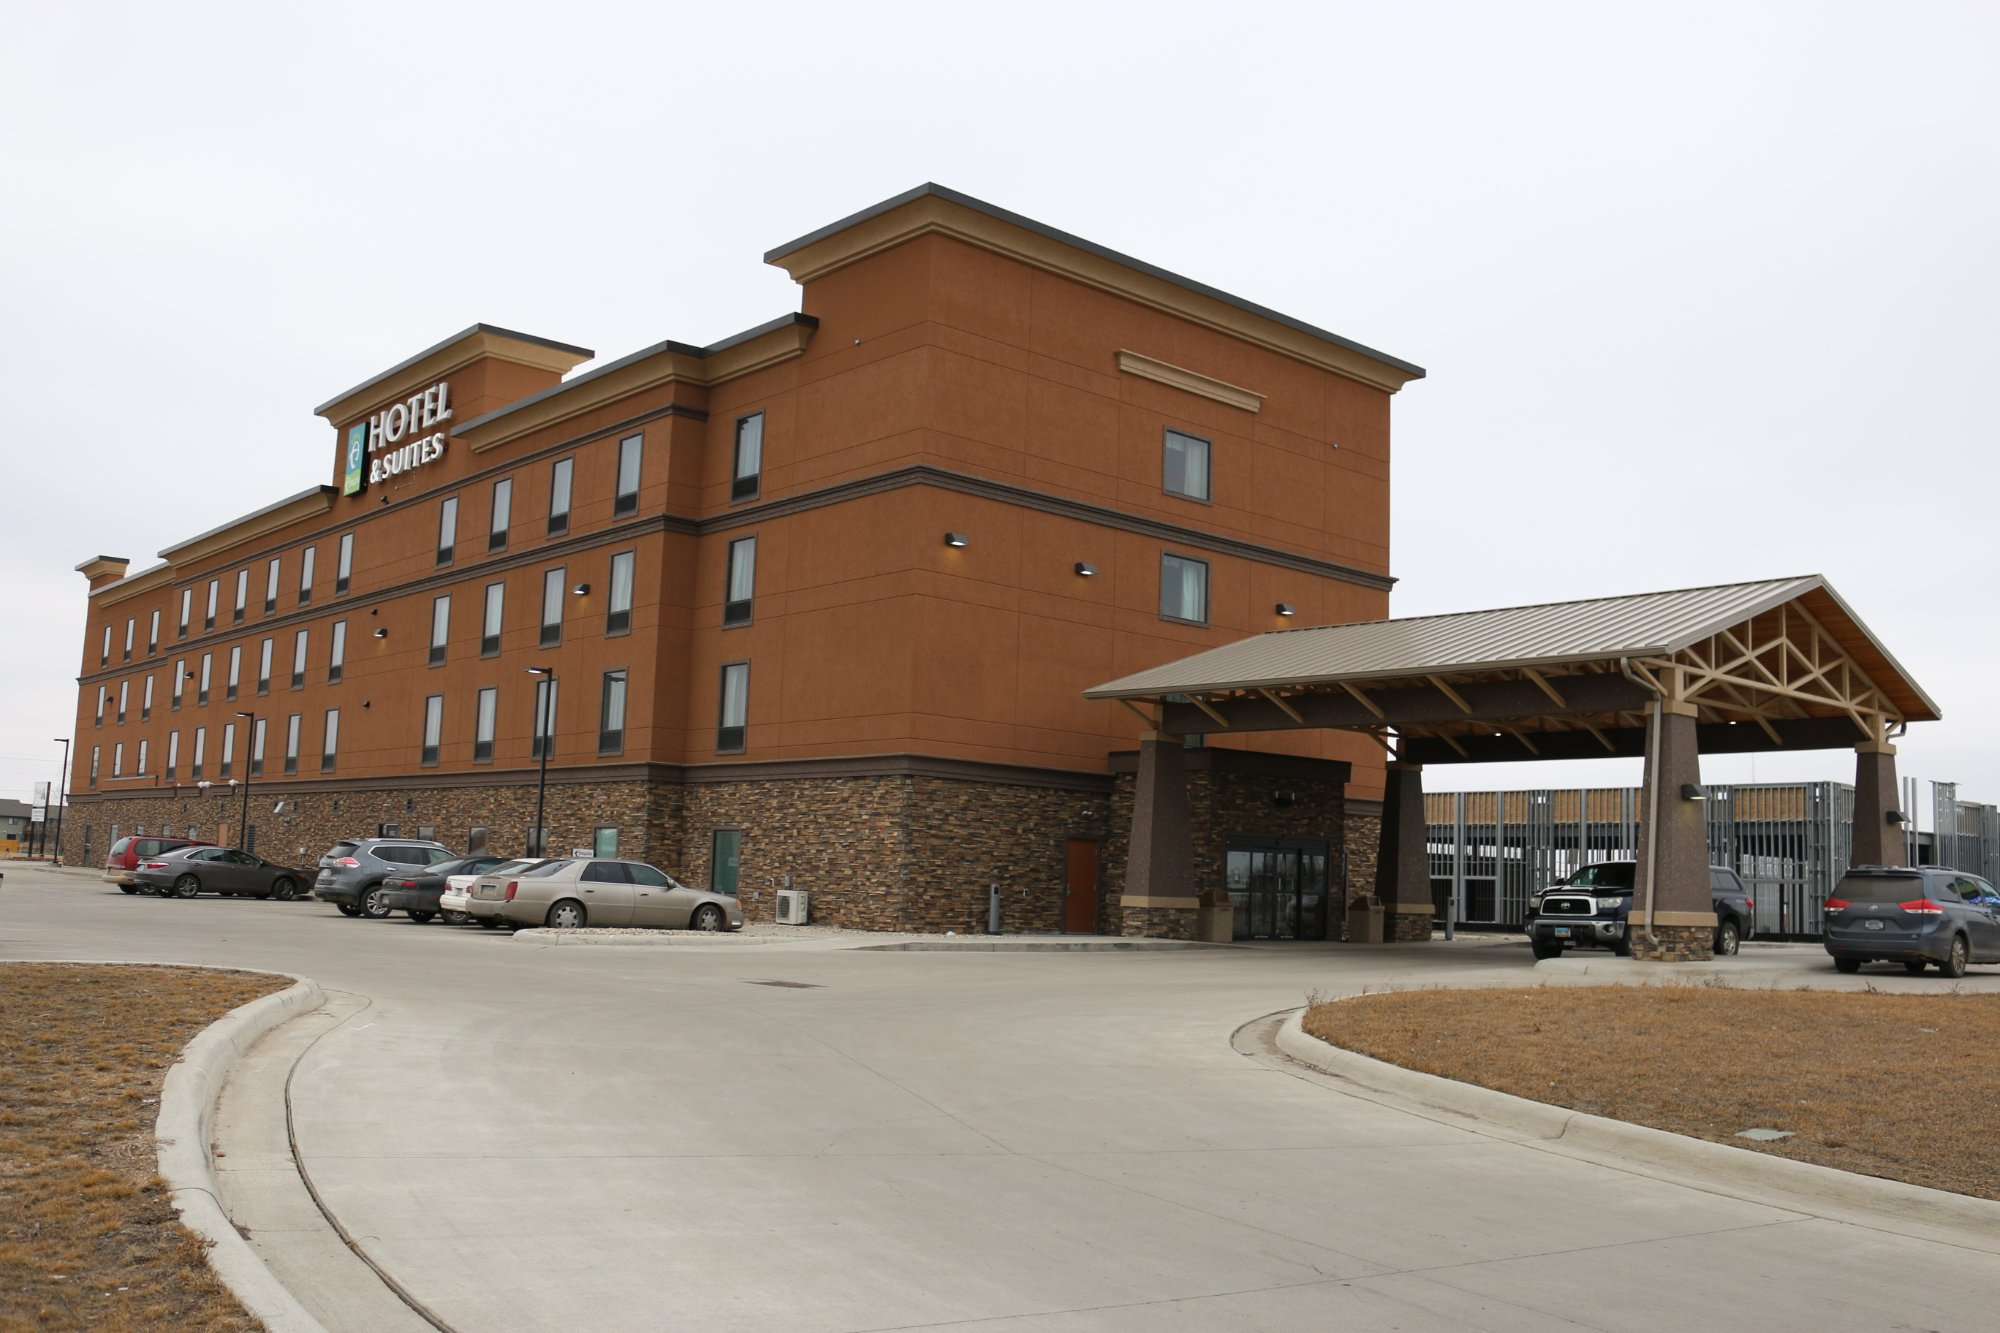 Astoria Hotel & Suites Minot